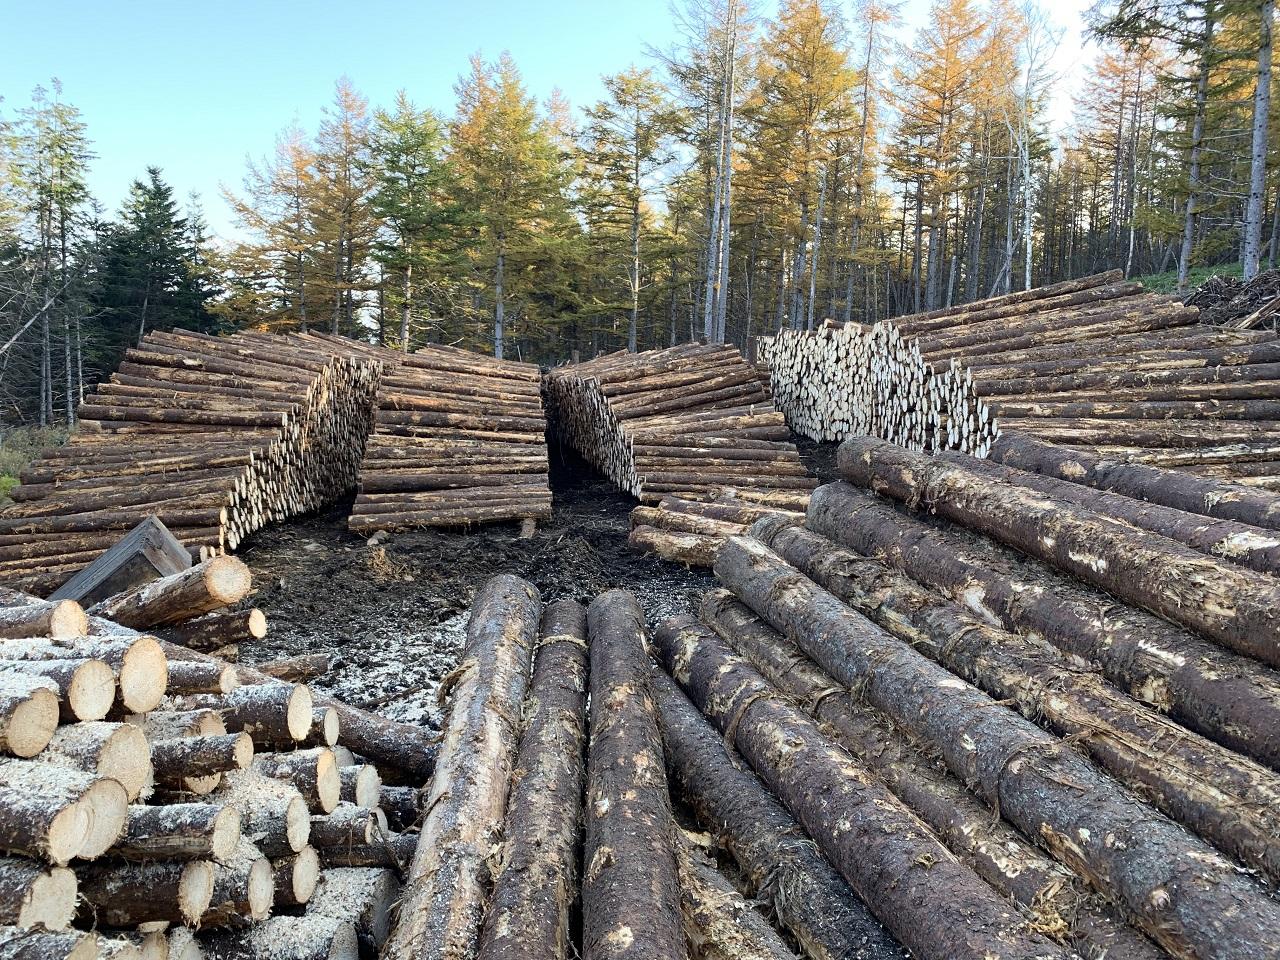 立木の価値を最大限に引き出す能力がない事業者かもしれません。